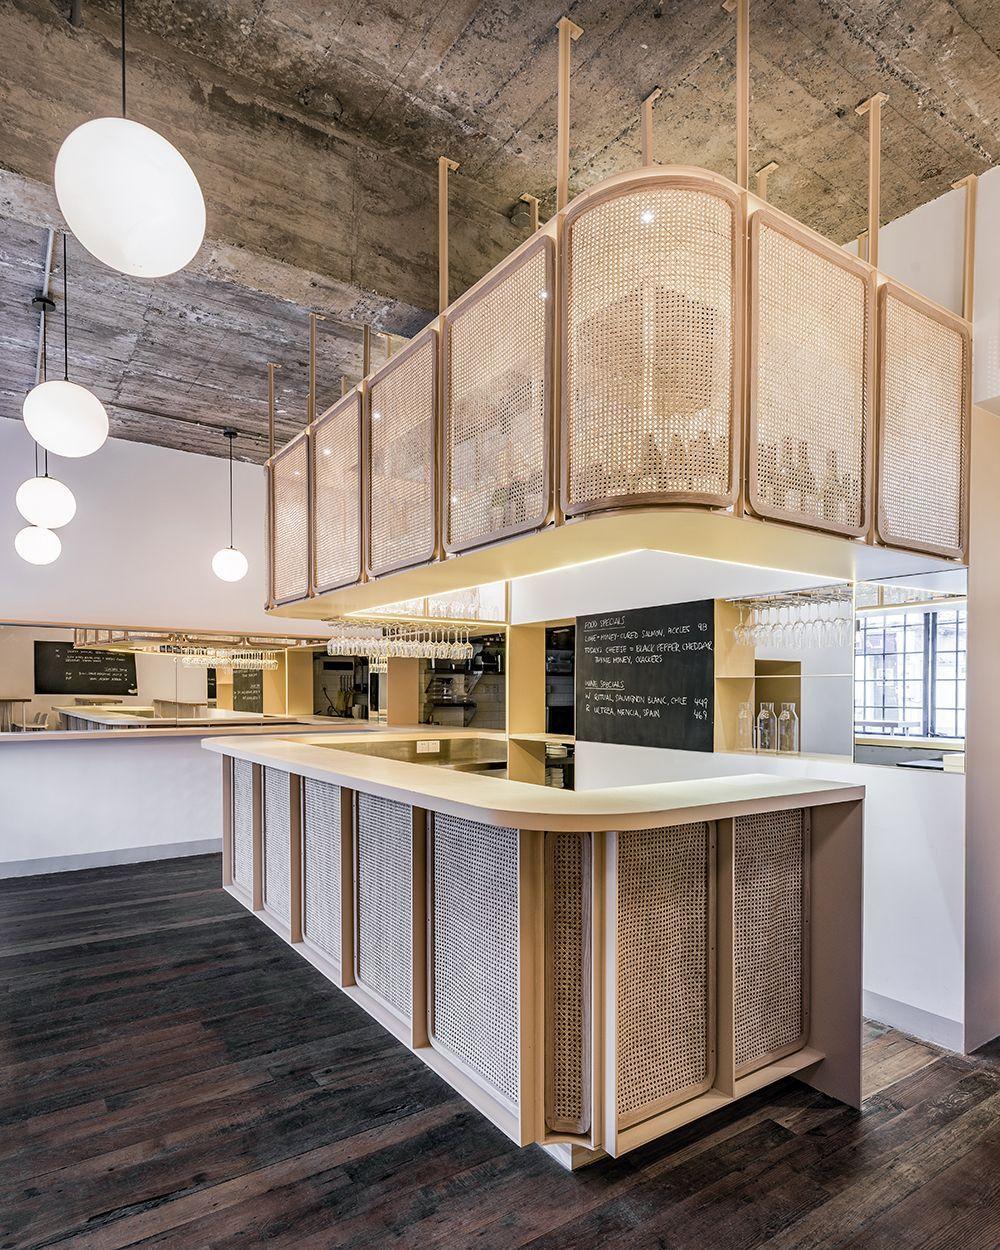 Decorating With Coat Racks And Vintage Clothing Bar Design Restaurant Cafe Bar Design Cafe Design